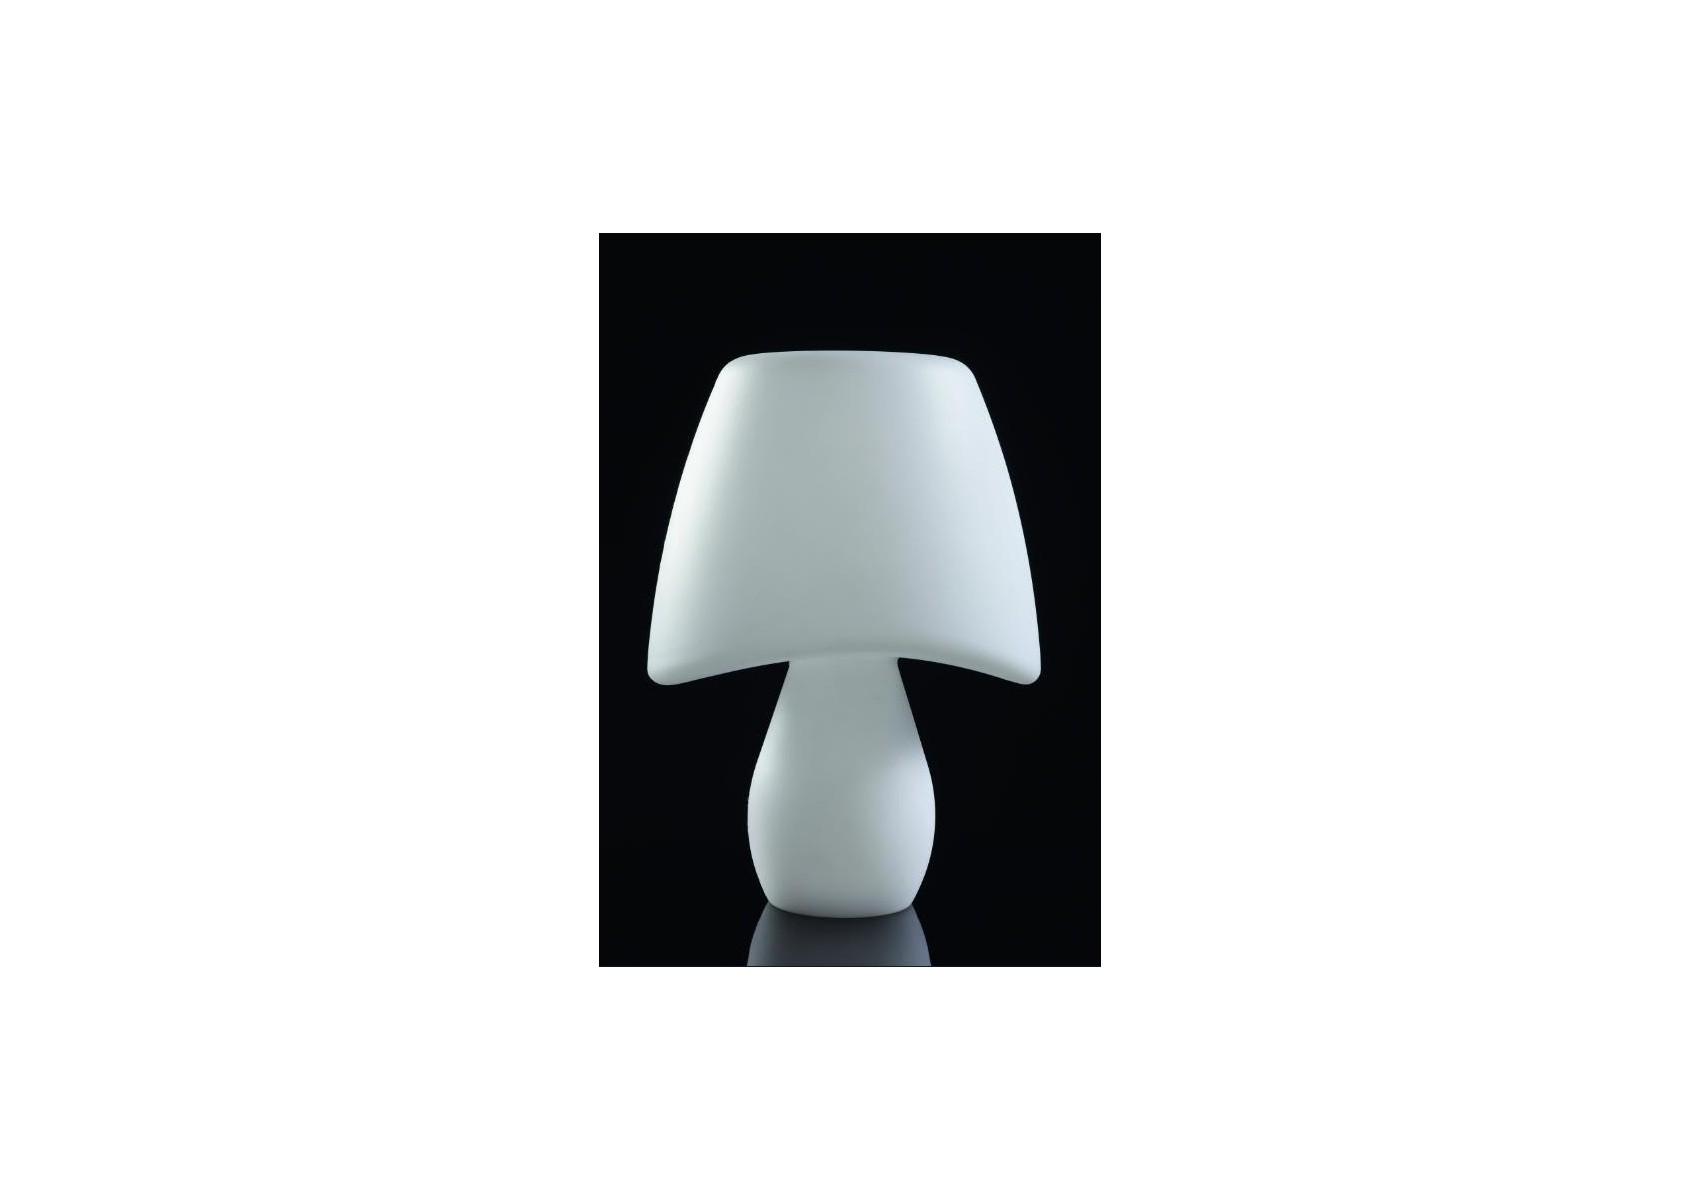 Lampe poser design cool ext rieur blanche de la marque for Lampe exterieur design